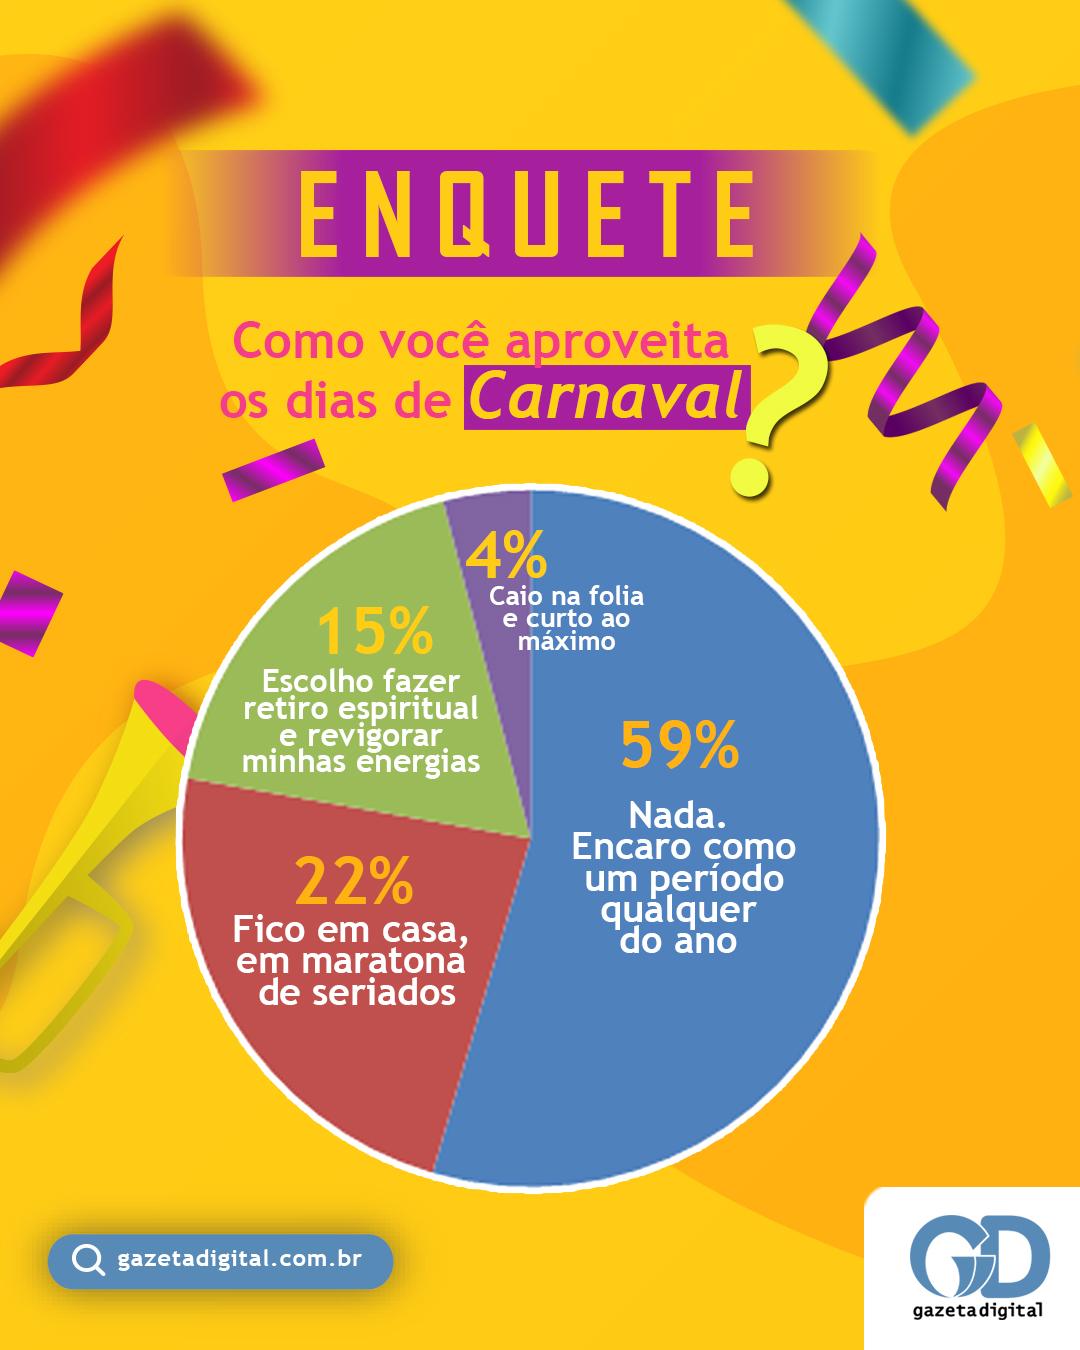 Enquete carnaval 2020